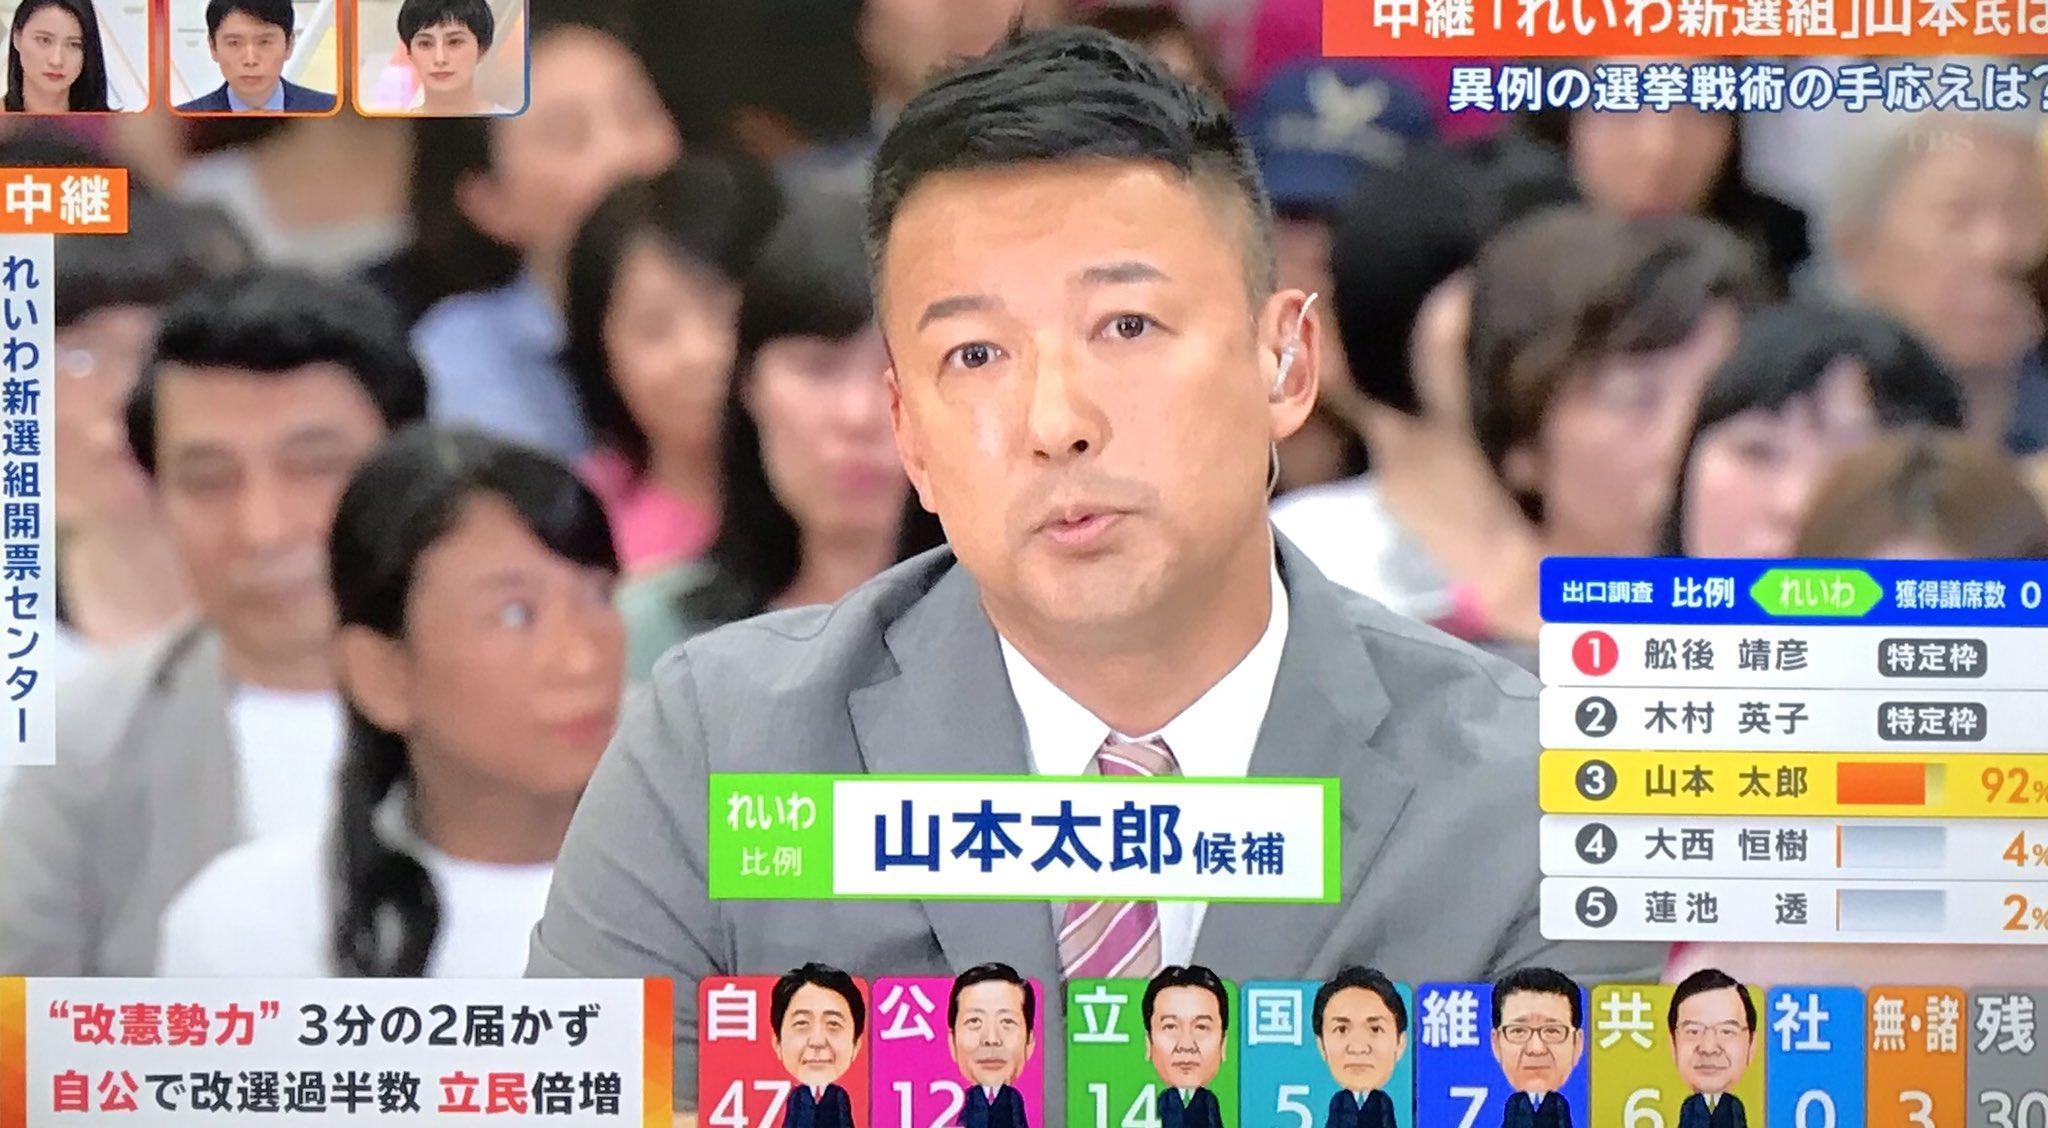 今さあ、TBSの選挙特番で山本太郎が「消費税は一部は社会保障に使われてるが 大部分は法人税の大減税 所得税の大減税で 金持ち優遇に使われてる」って言ったら「CM、CM」って声が入ったよね?